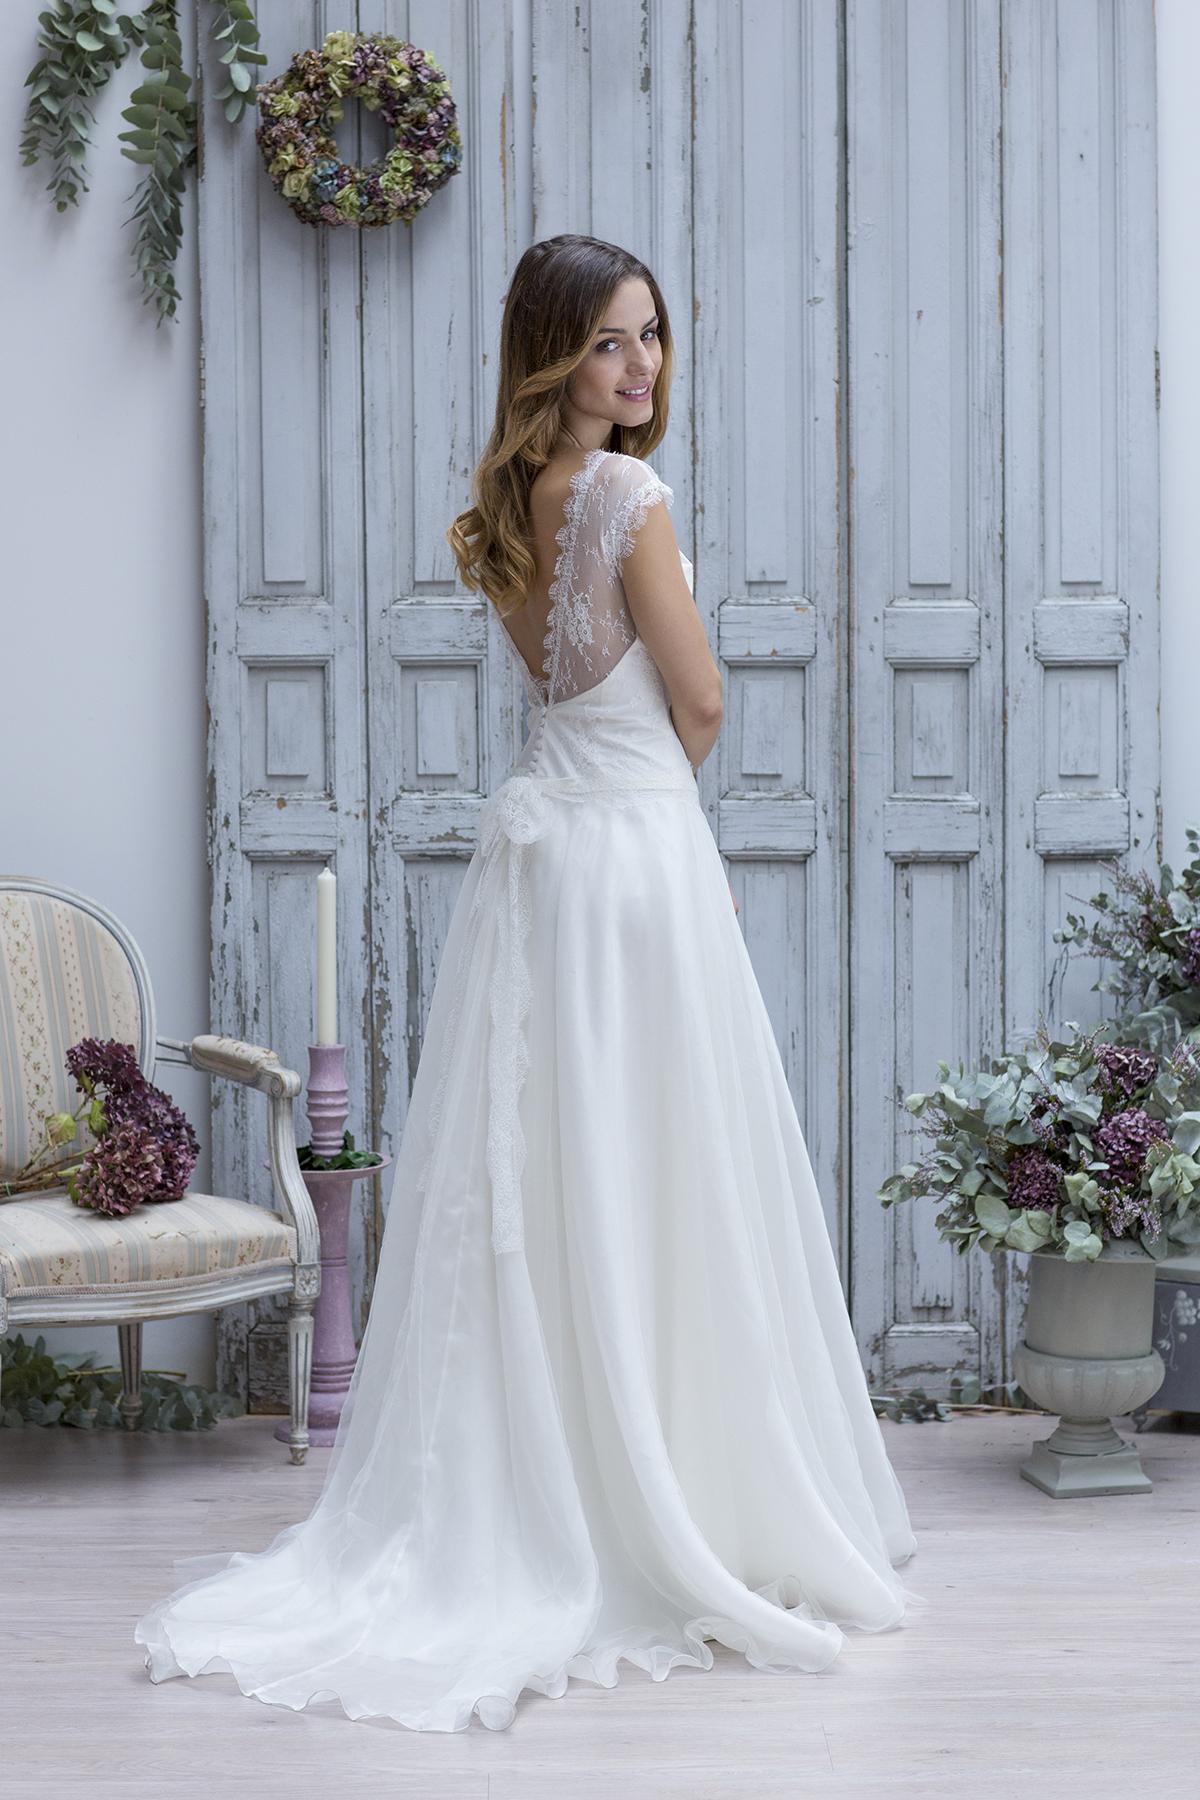 Top Robe de Mariée : Marie Laporte 2014 LJ35